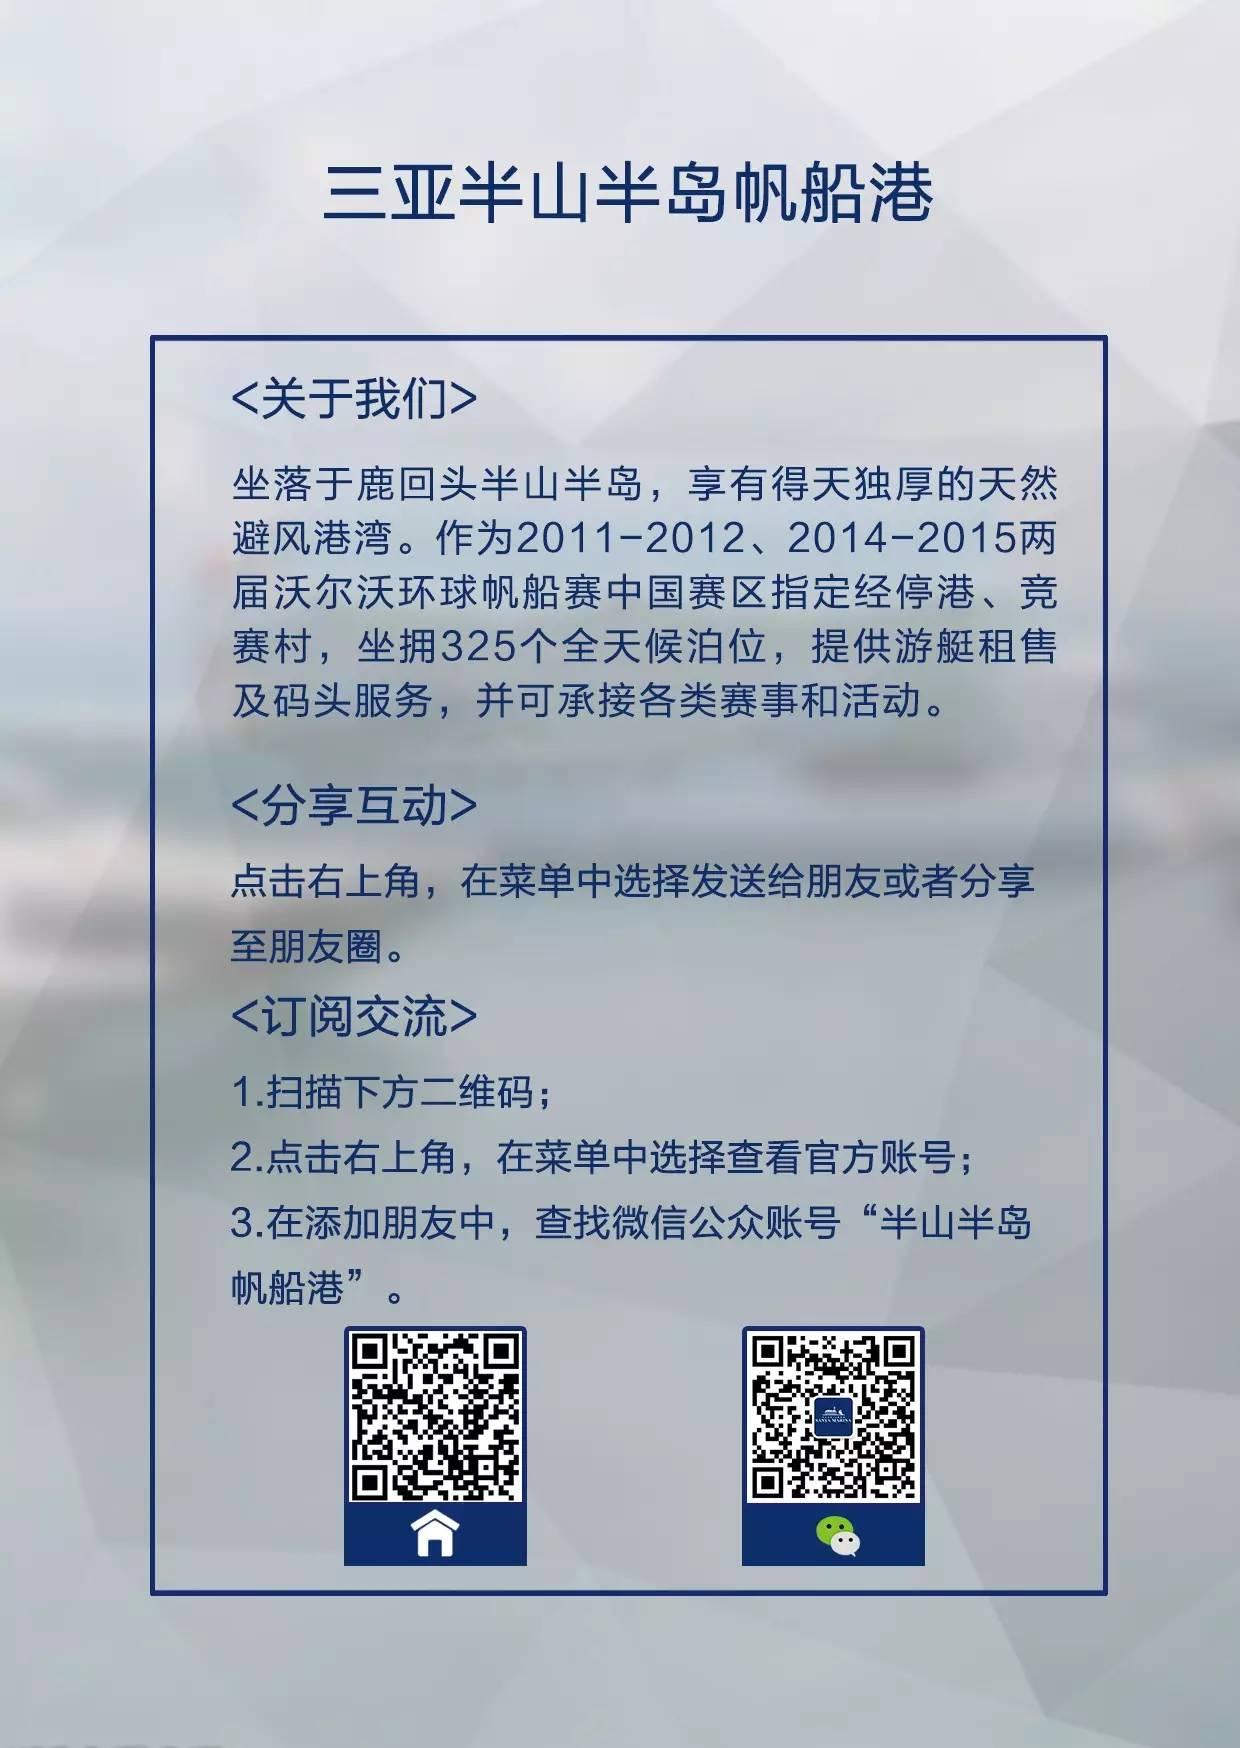 【时尚秀场,绽放帆港】女神乐基儿空降Mikael D 2017春夏早春发布秀